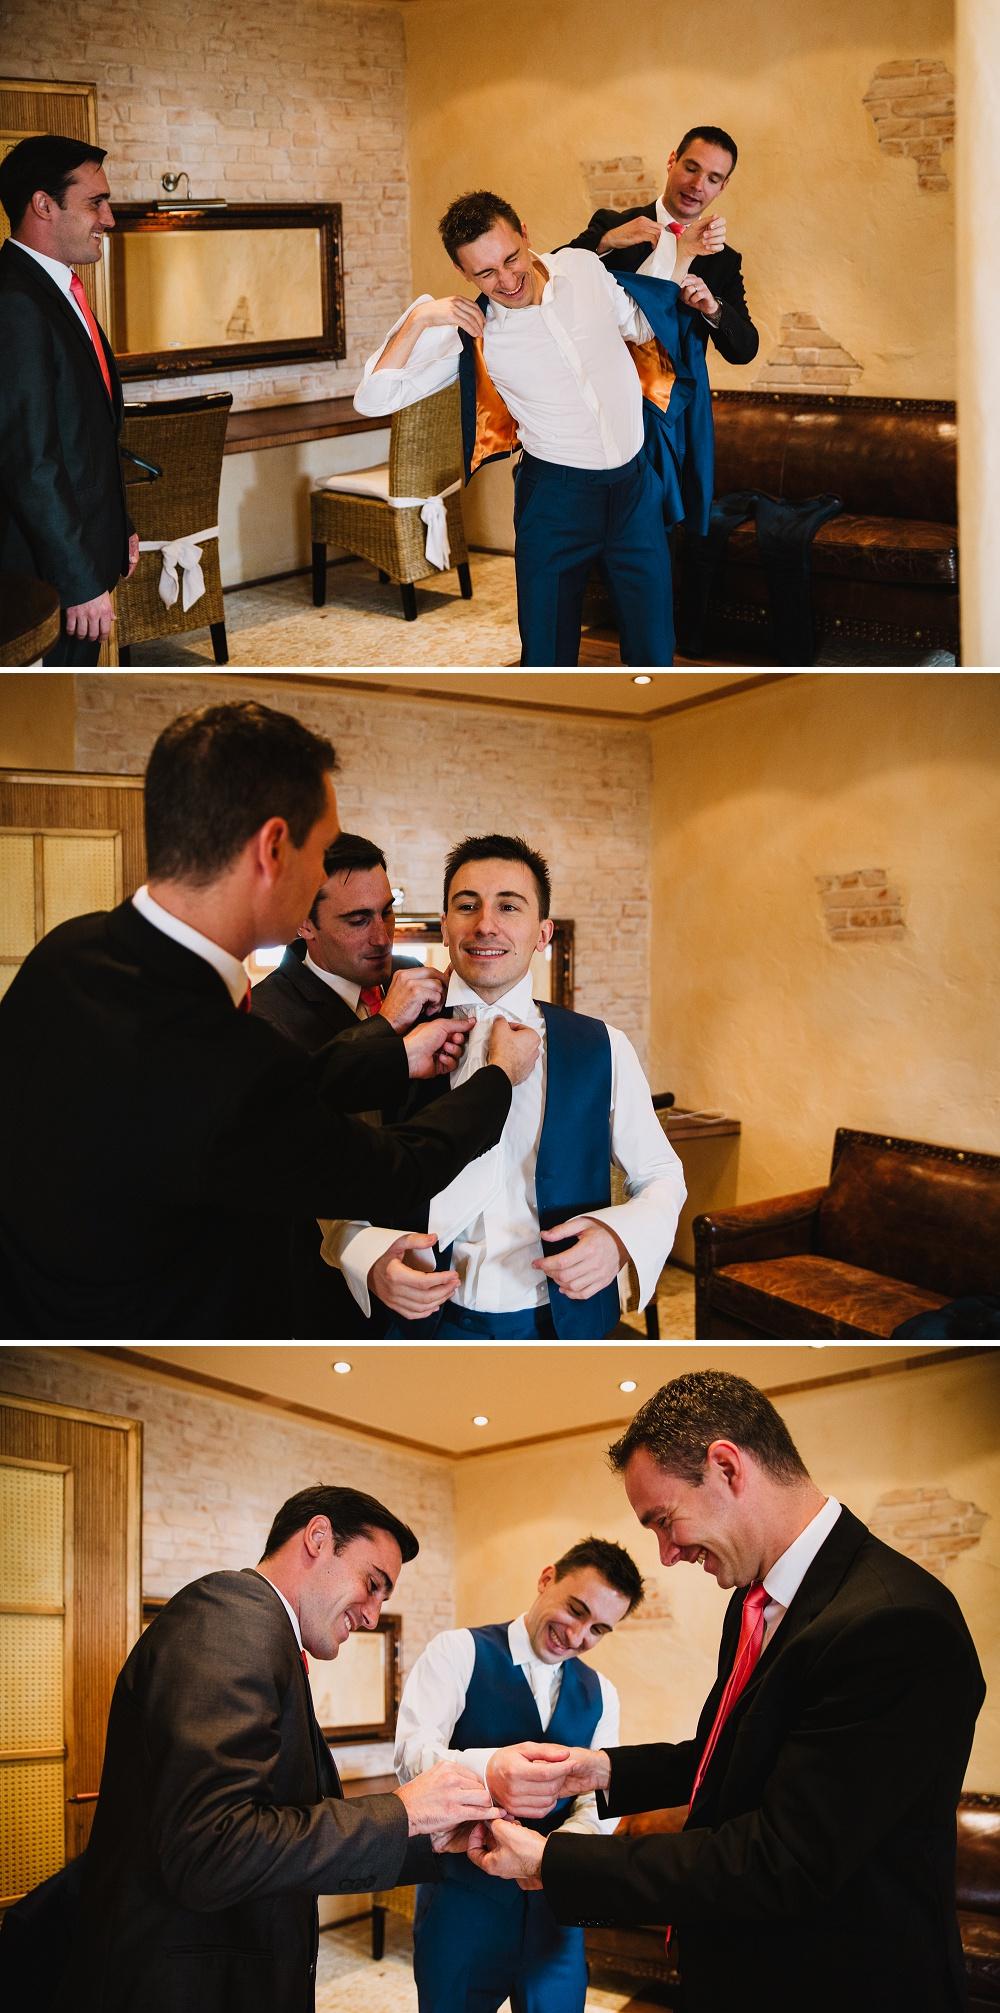 mariage-allemagne-molino-03.jpg